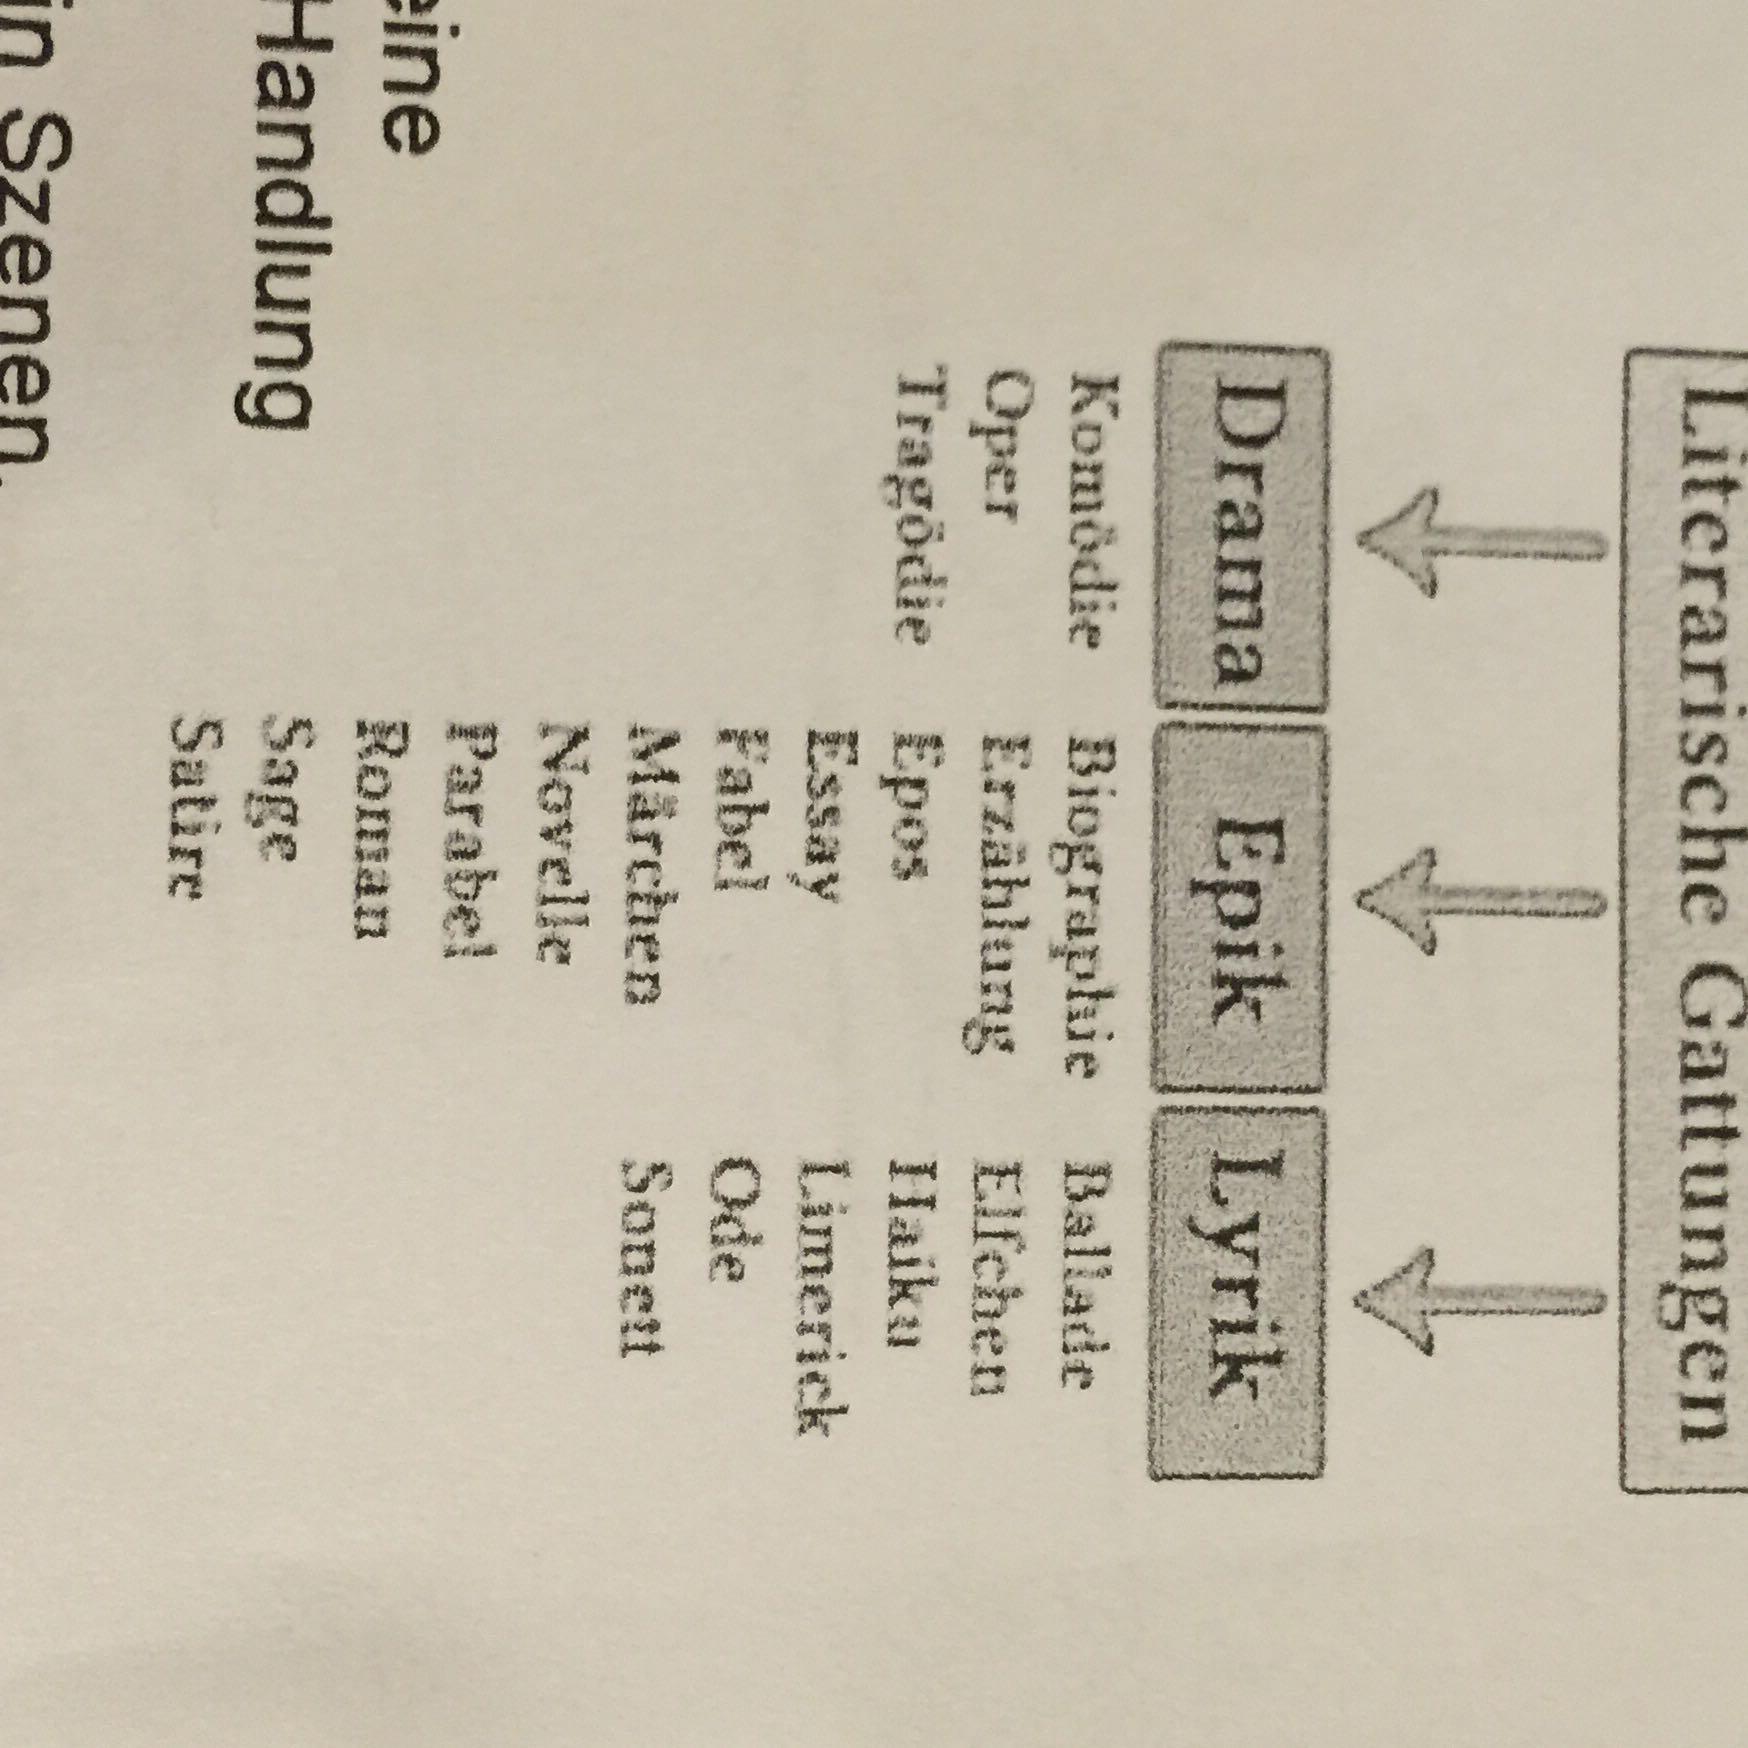 Die Küchenuhr (Kurzgeschichte) welche Literarische Gestaltung?? Drama,Epik,Lyrik siehe bild